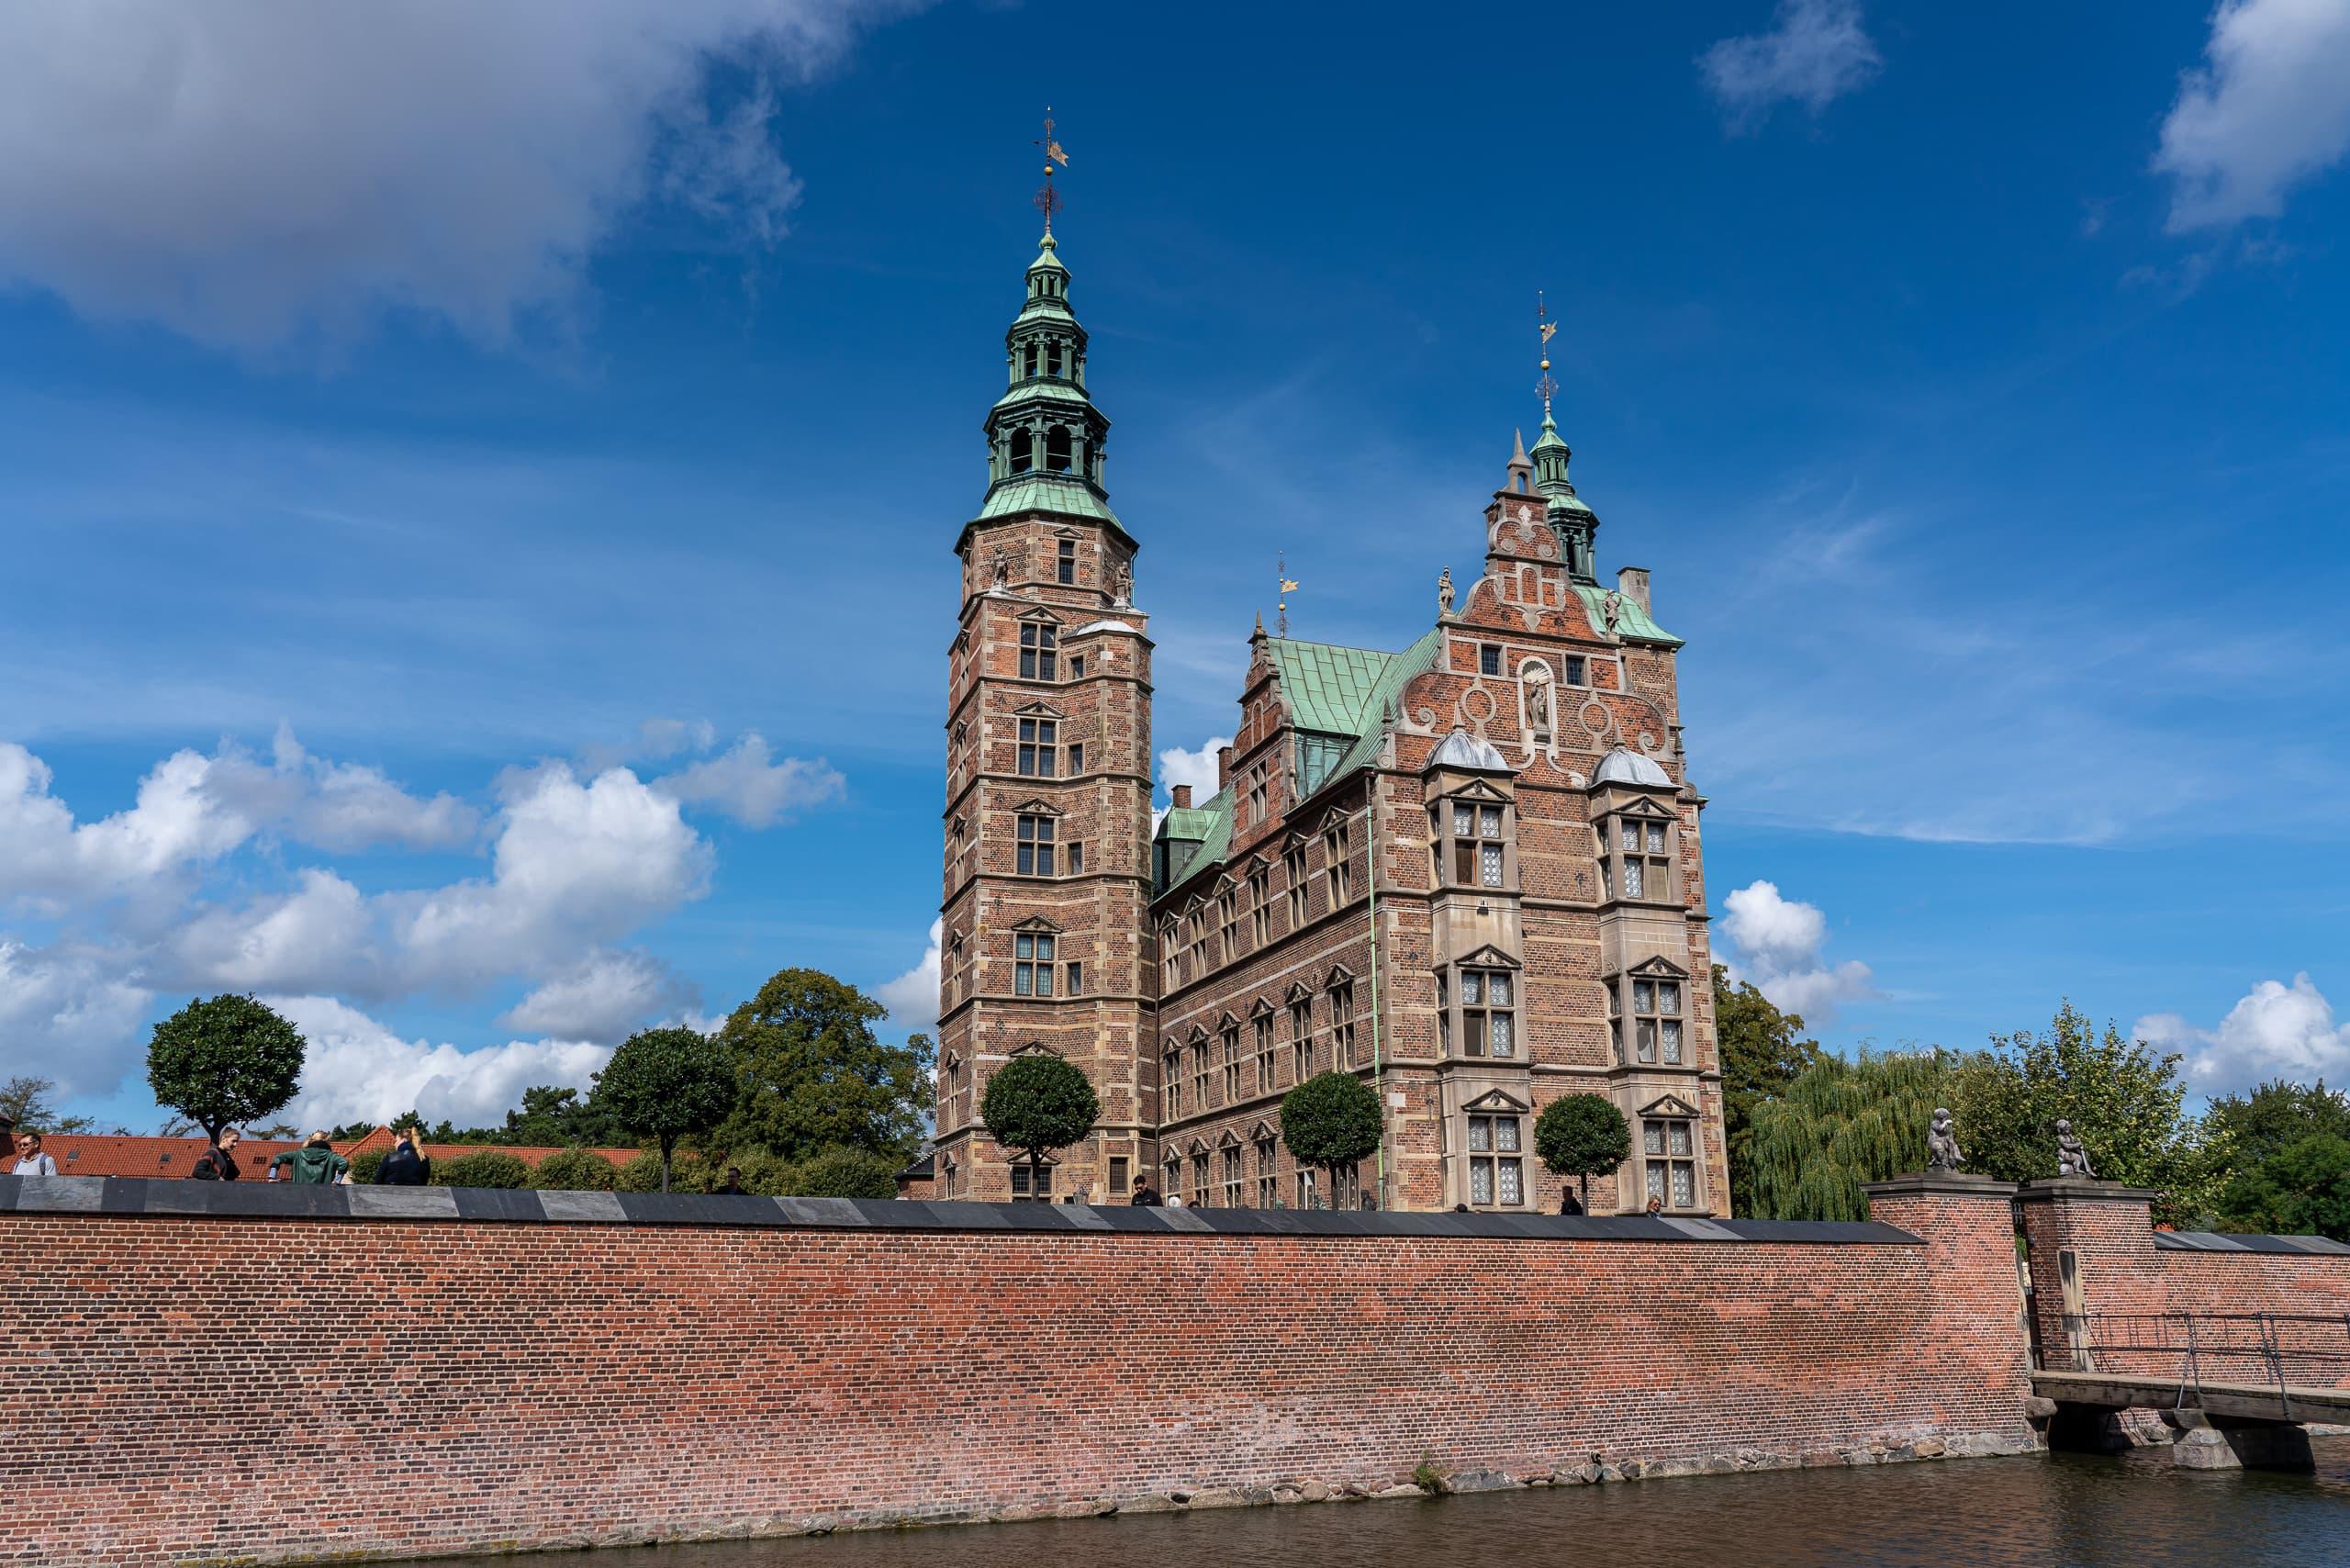 Rosenborg Castle #5